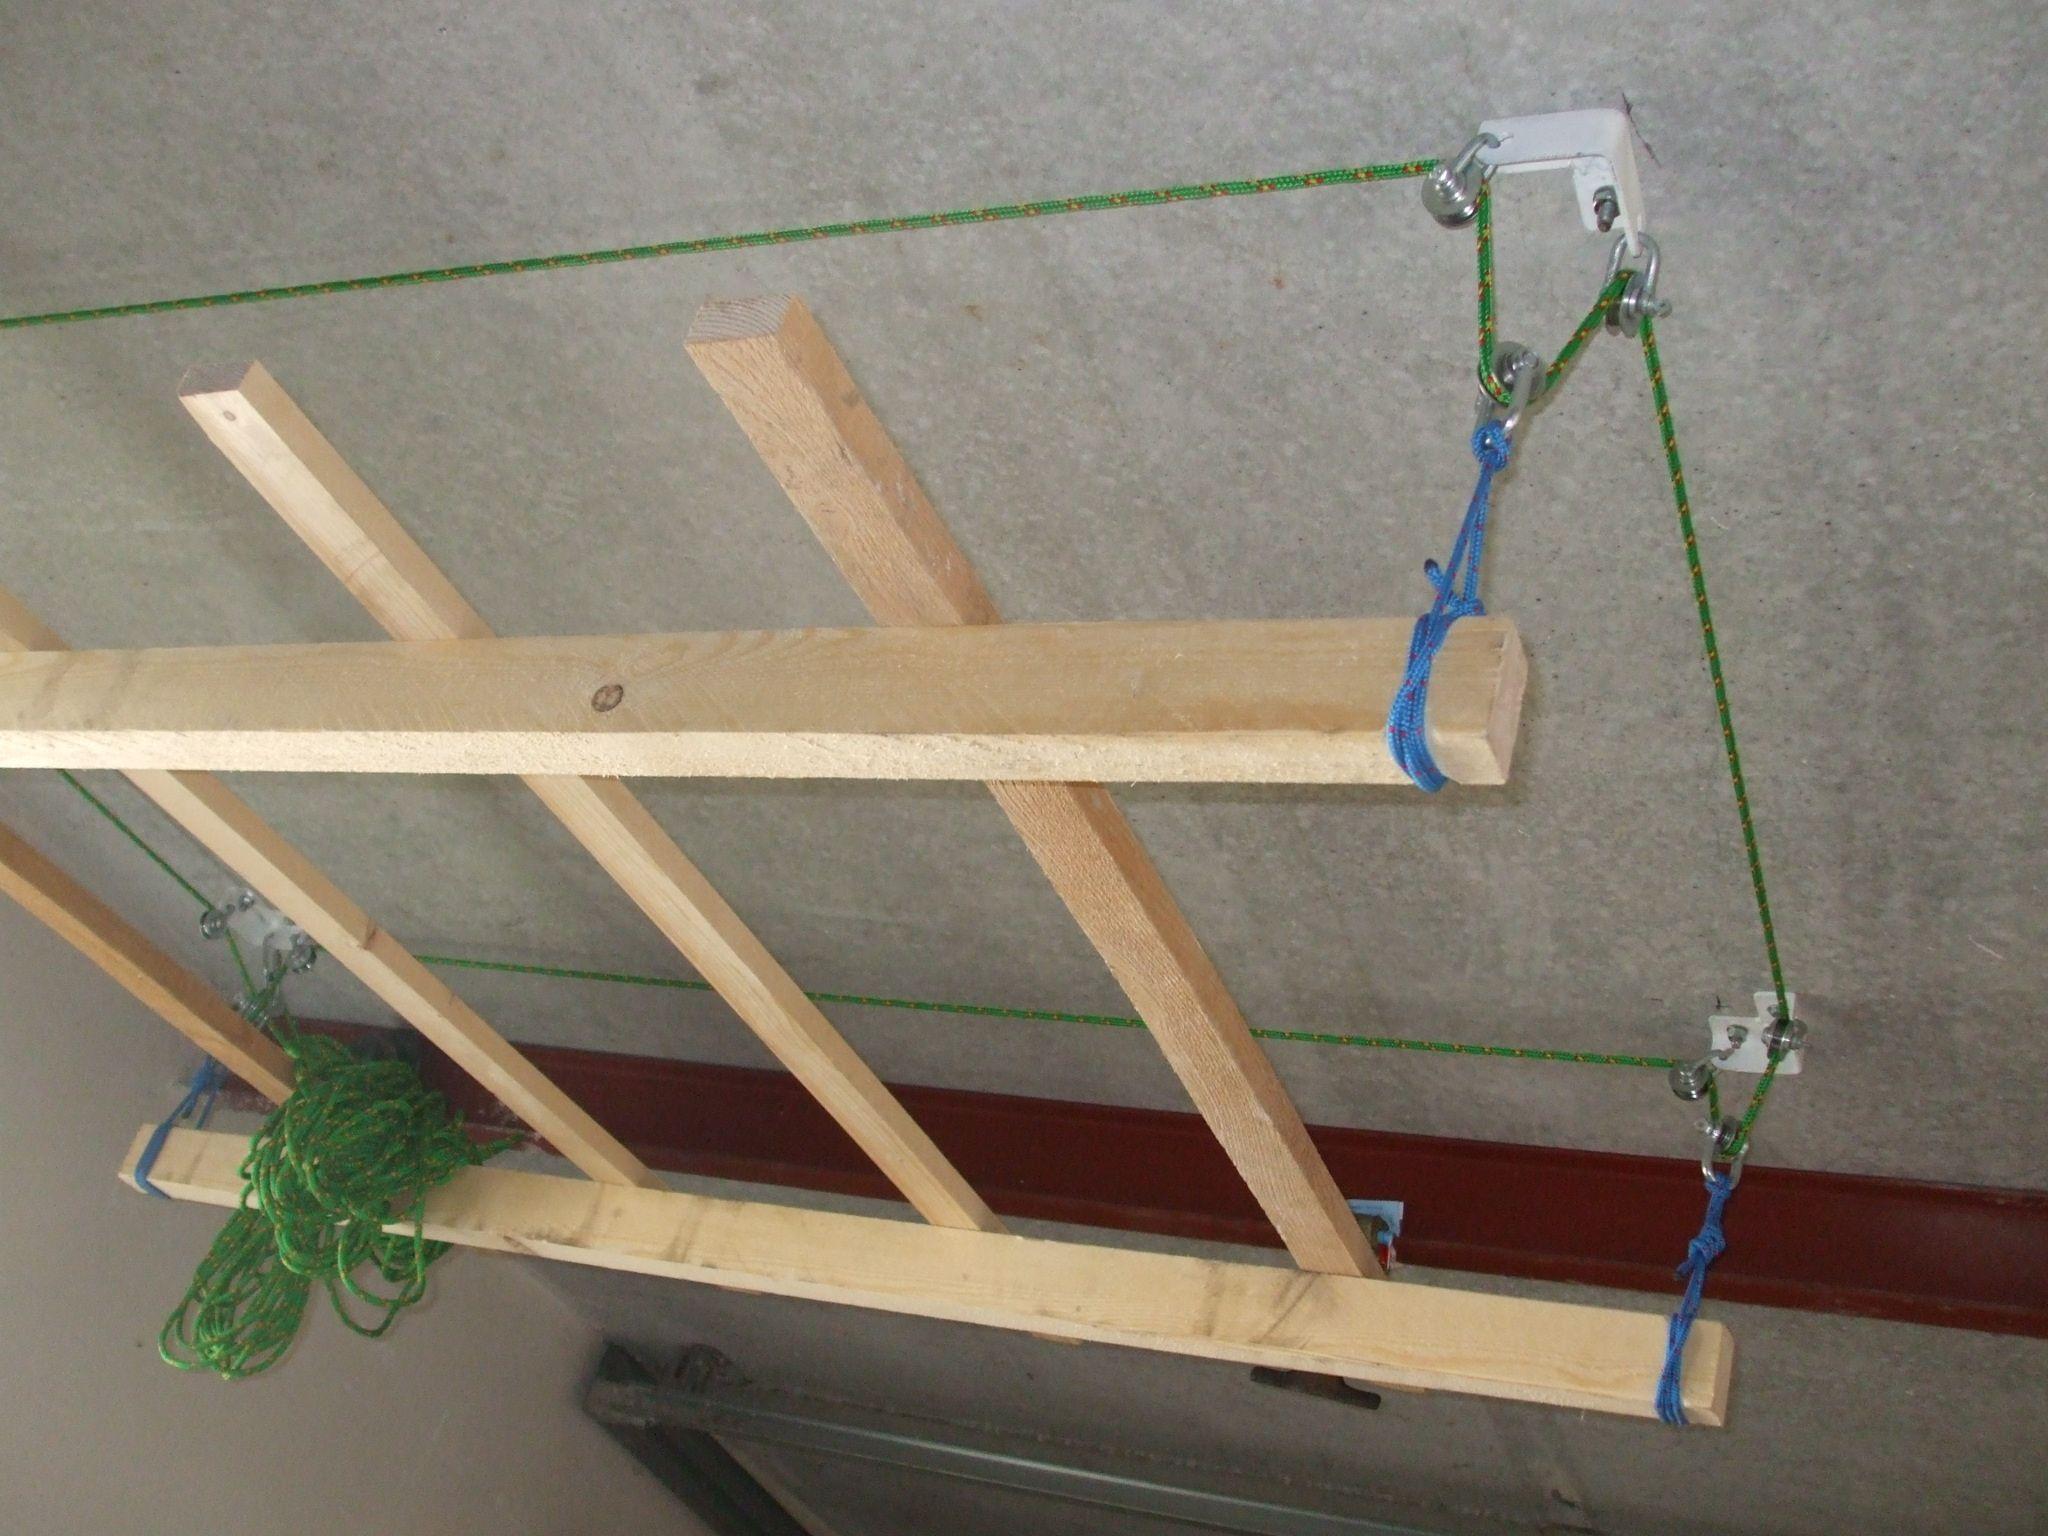 reifen oder auch tischplatten lift bauanleitung zum selber bauen garage garage garage lift. Black Bedroom Furniture Sets. Home Design Ideas